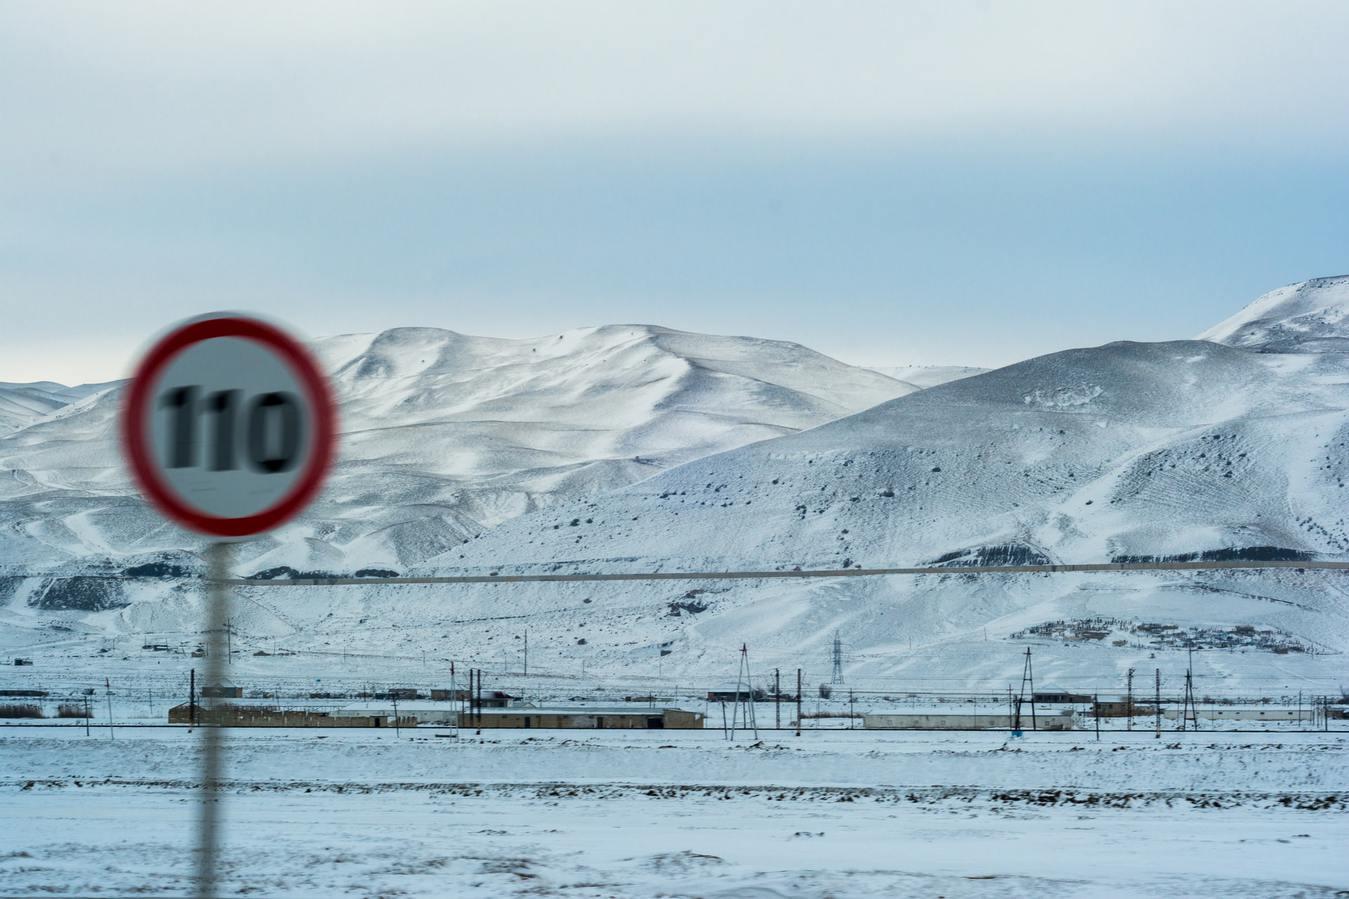 Paisagem com neve e placa de velocidade borrada